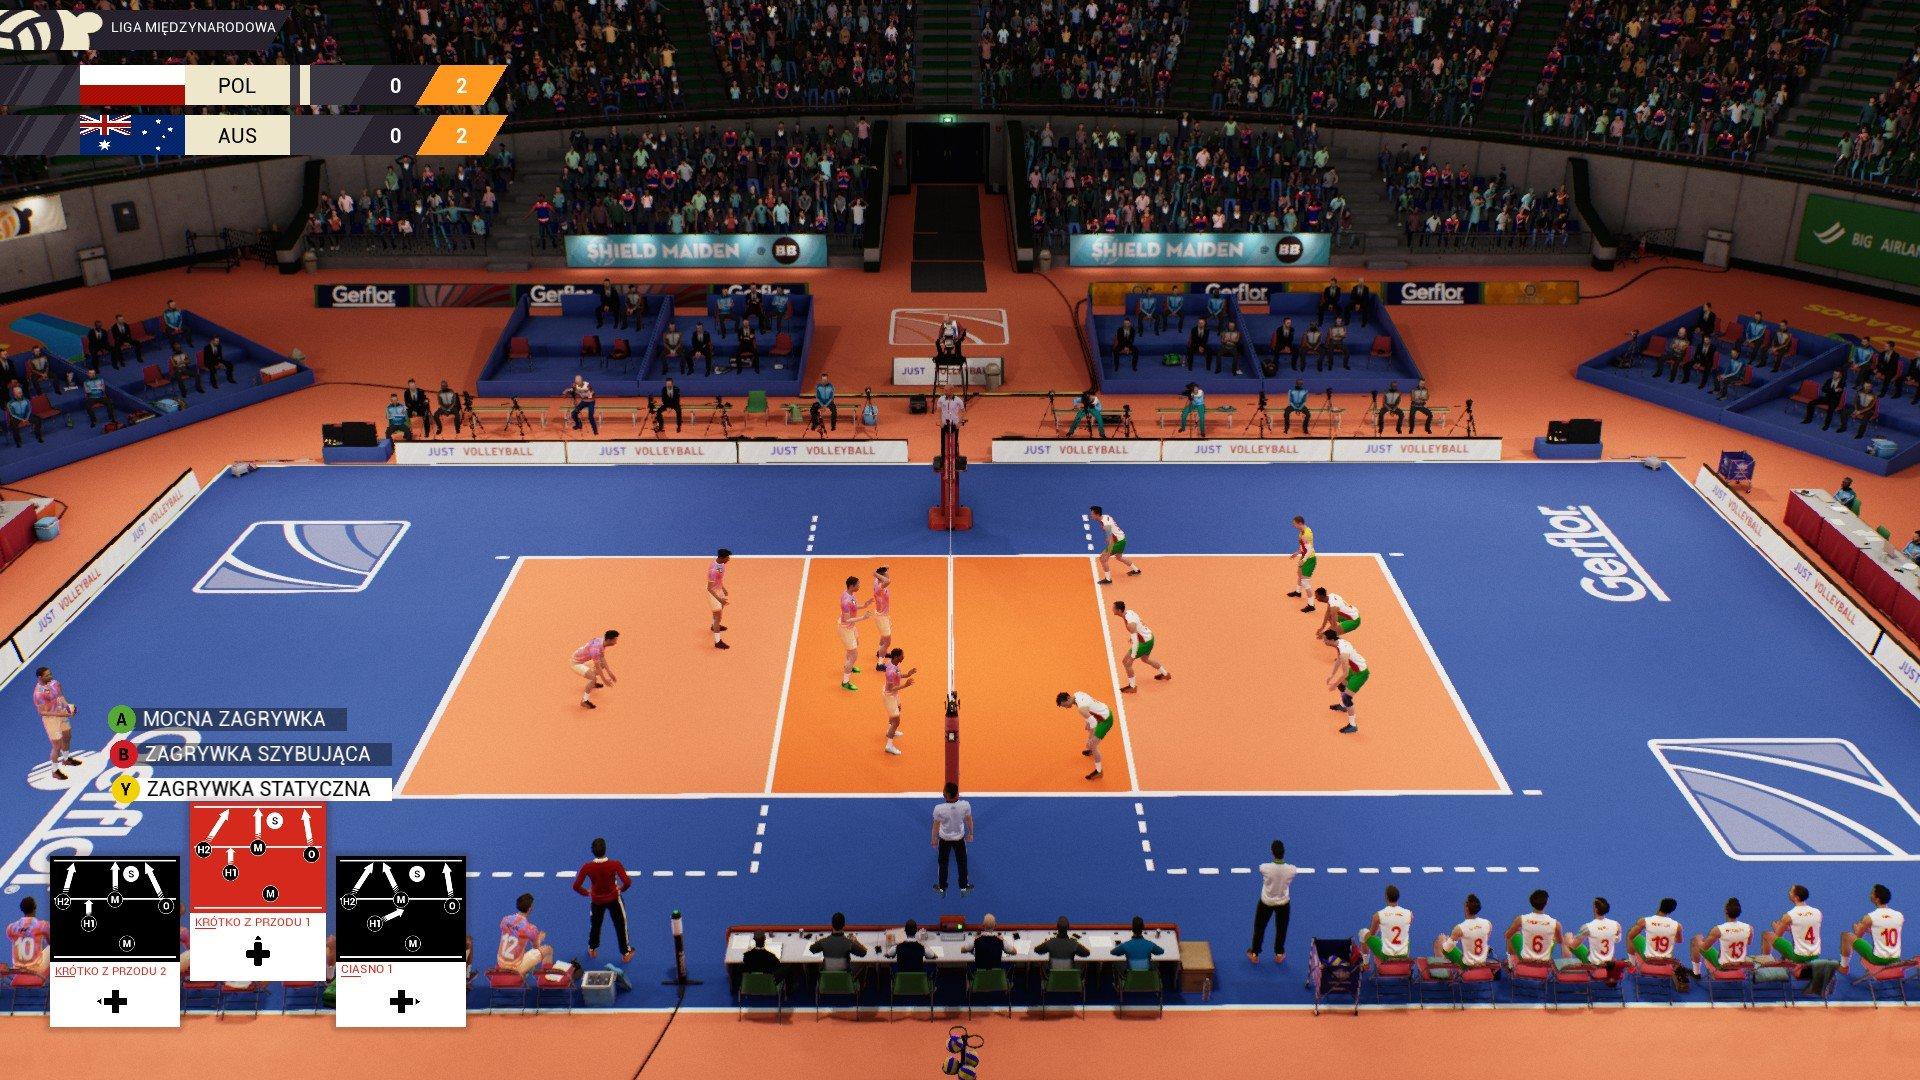 Spike Volleyball Screen (3)